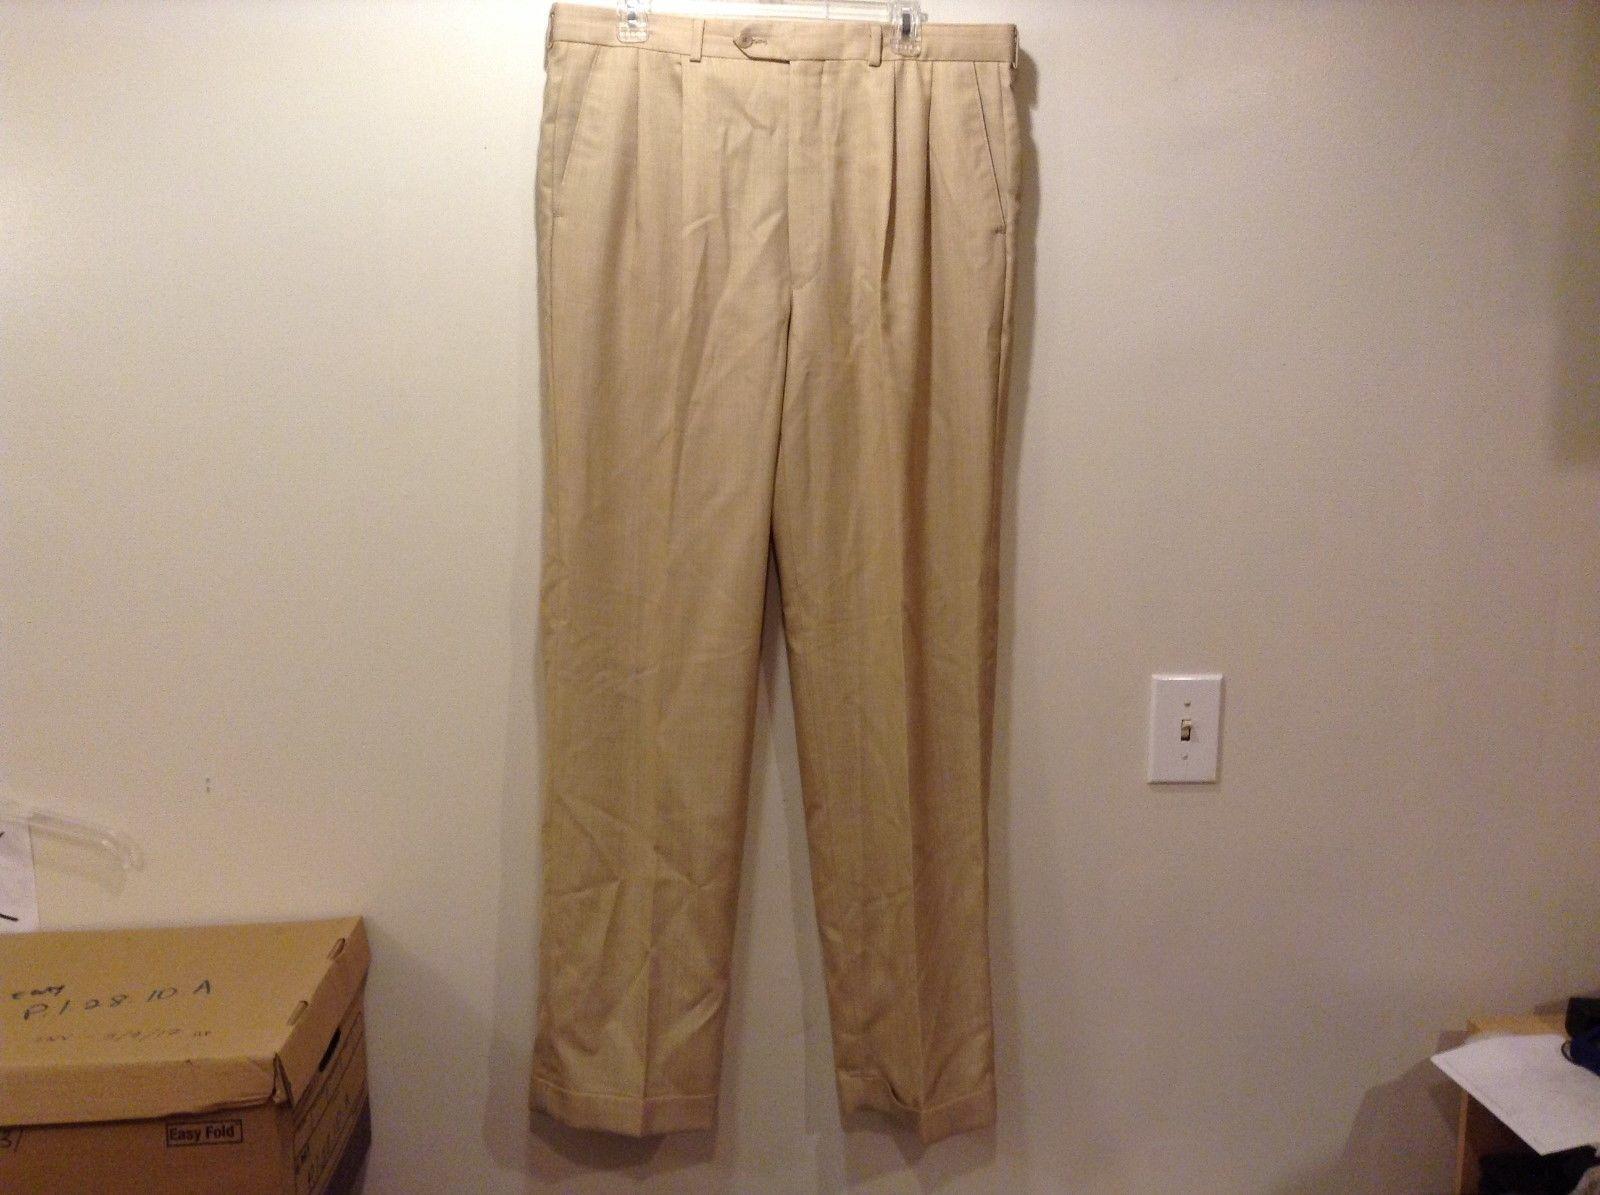 CHAPS Men's Sand Colored Dress Pants